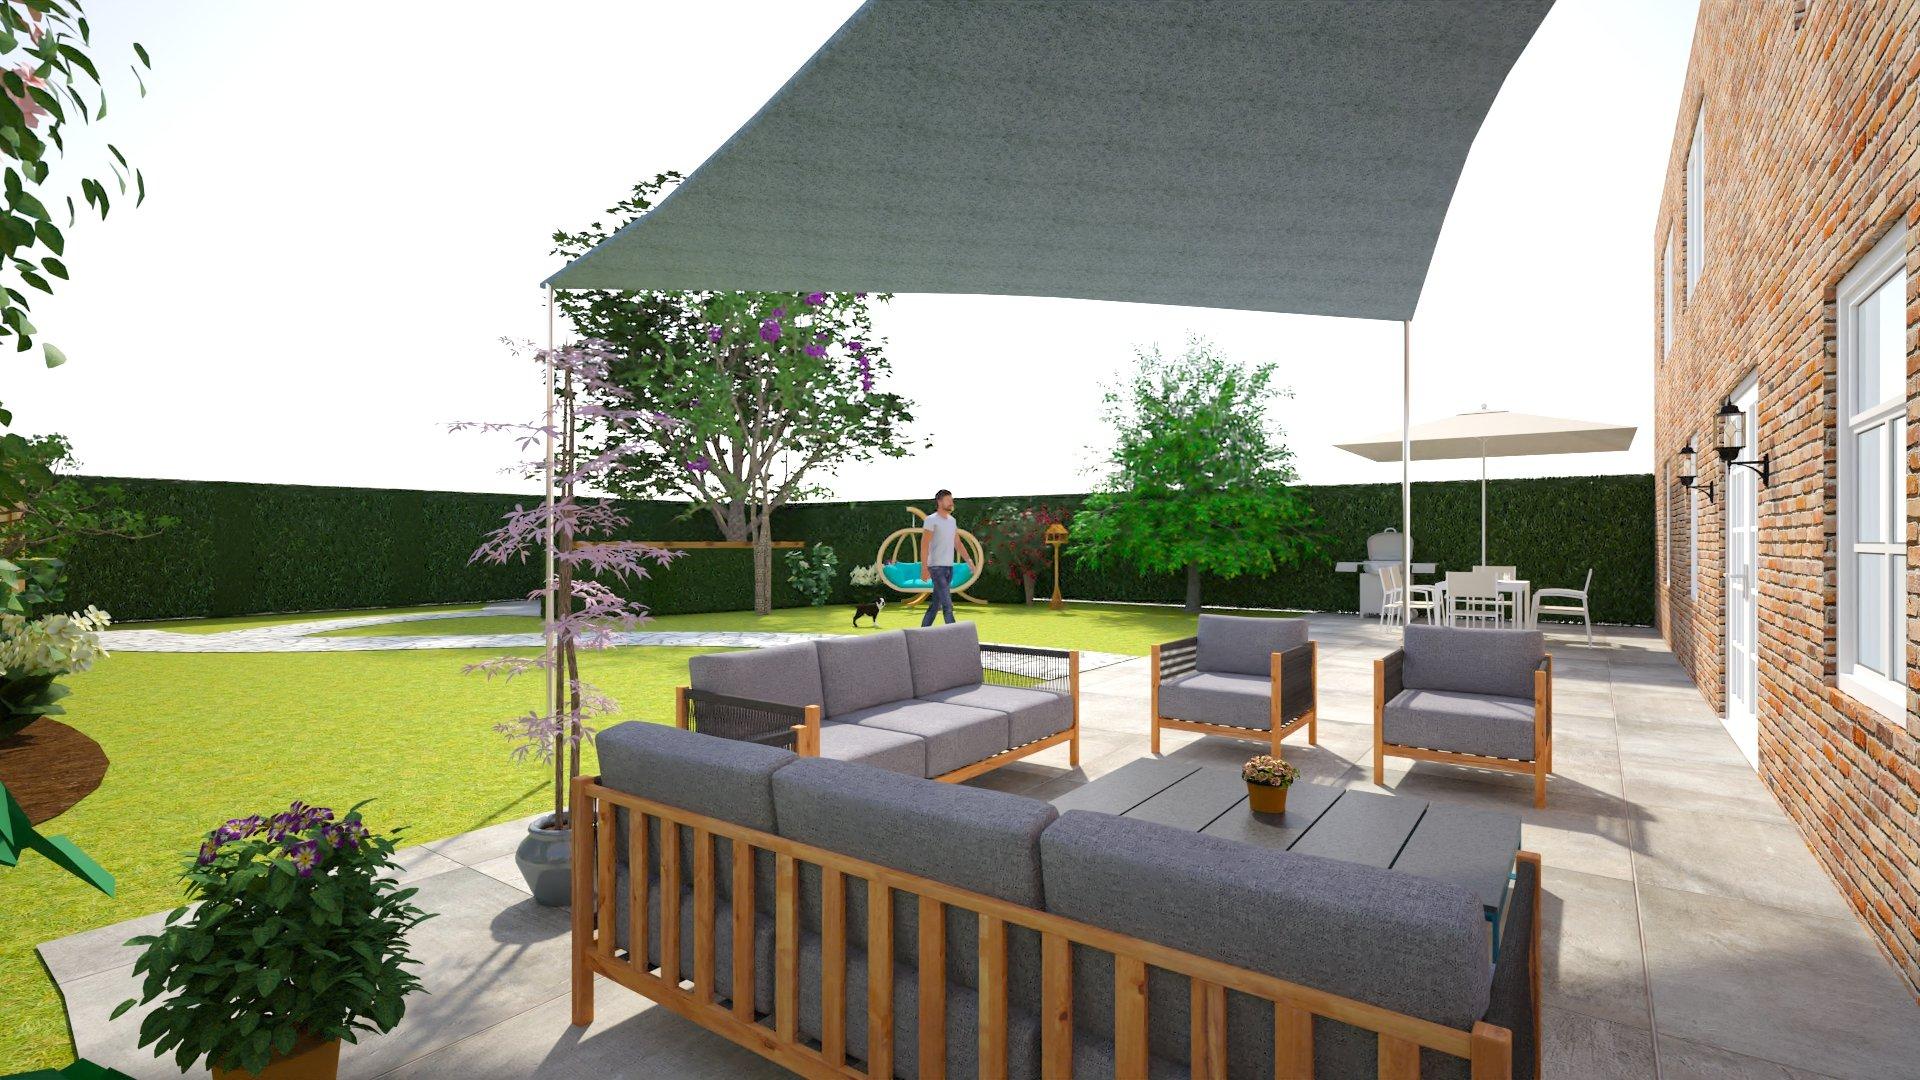 garden-3d-render-floorplanner-photorealistic-2